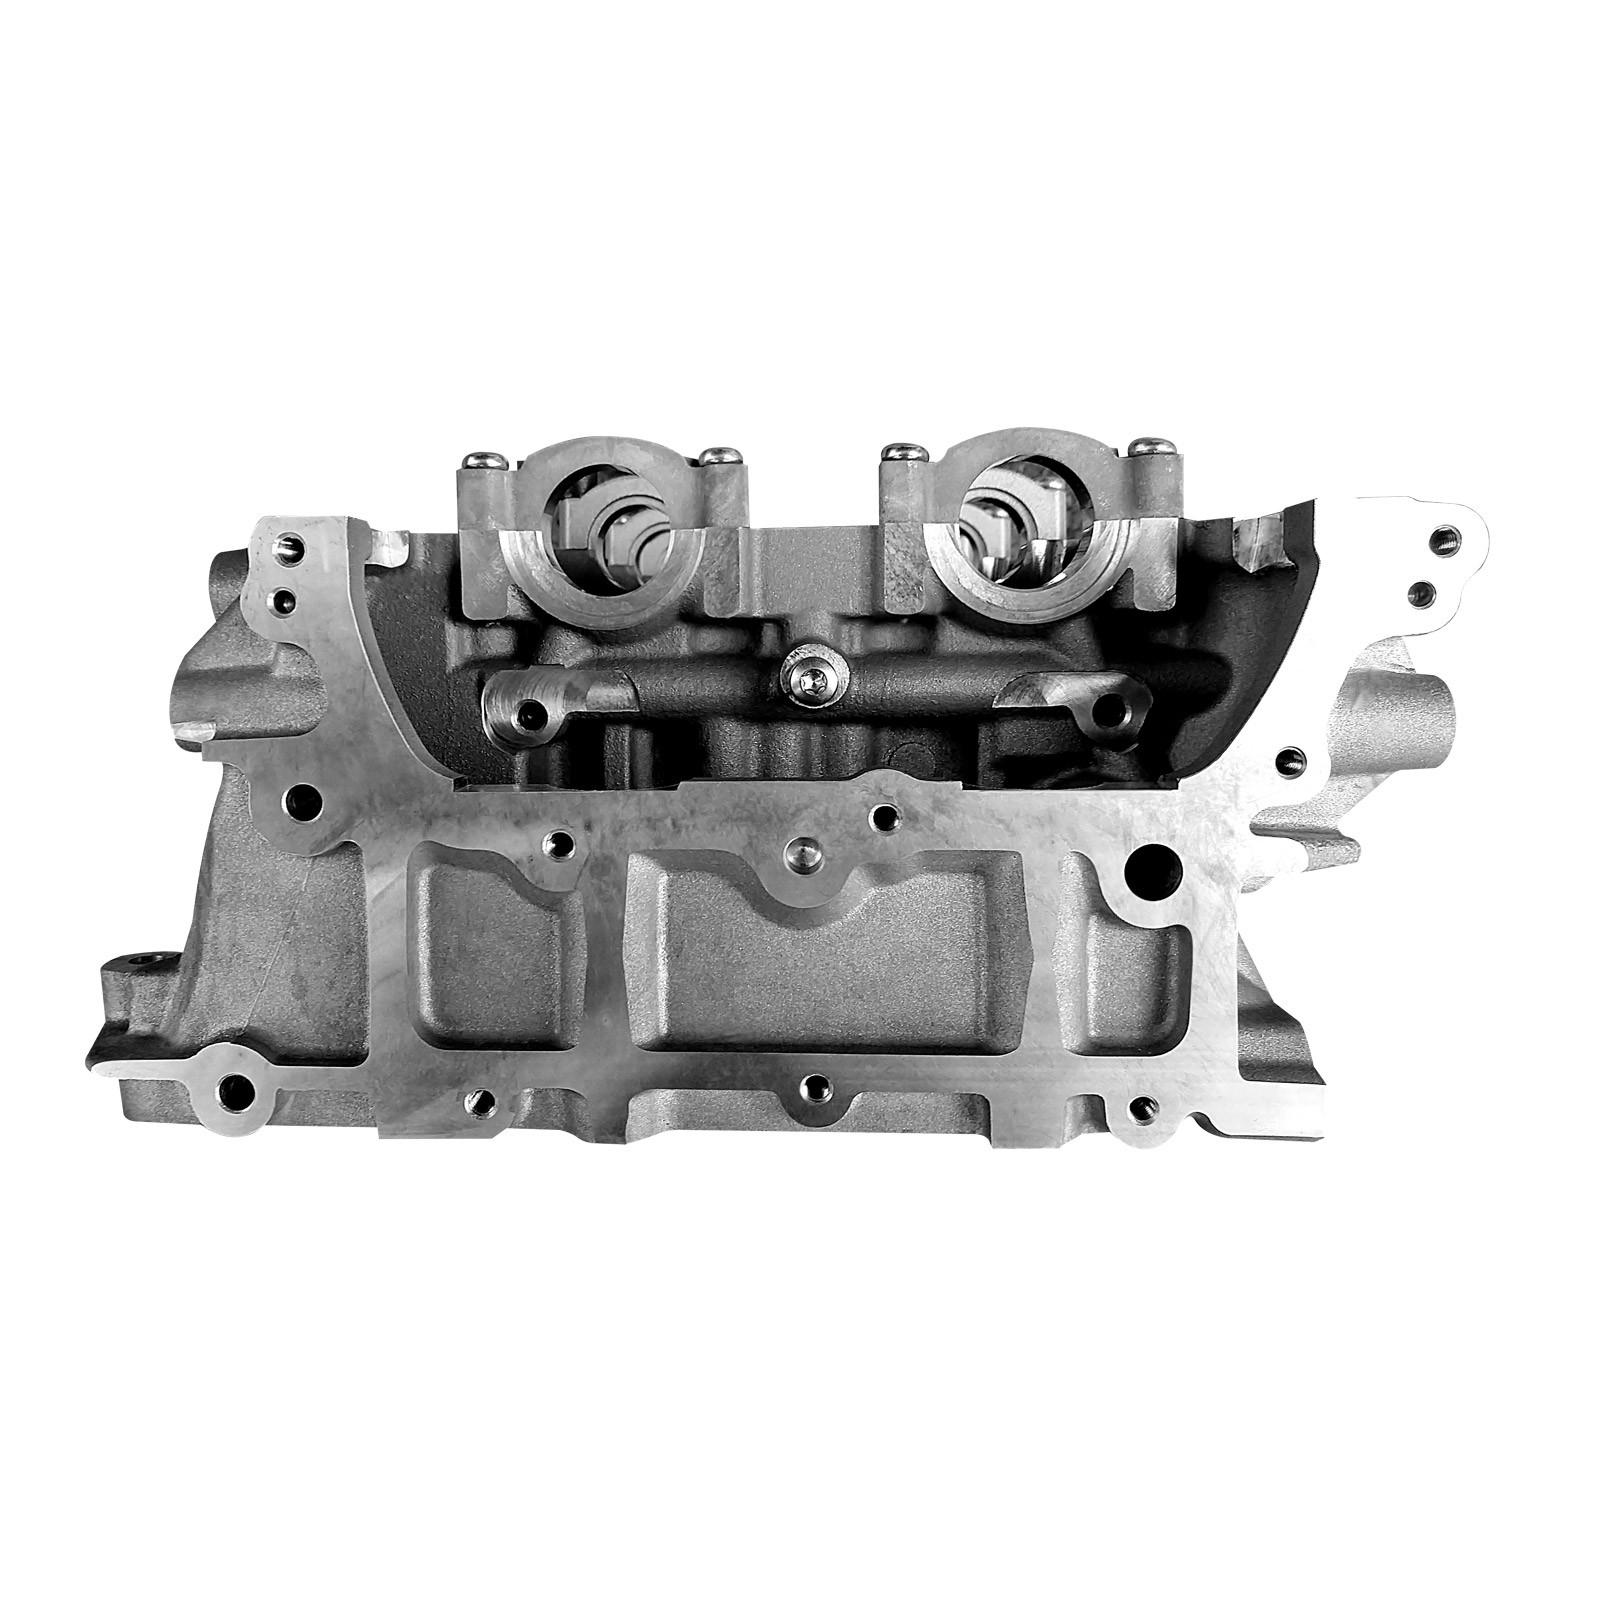 Cabeçote Sprinter  311 2.2 16V CDI Euro V Ano 2012 a 2018 Novo Importado